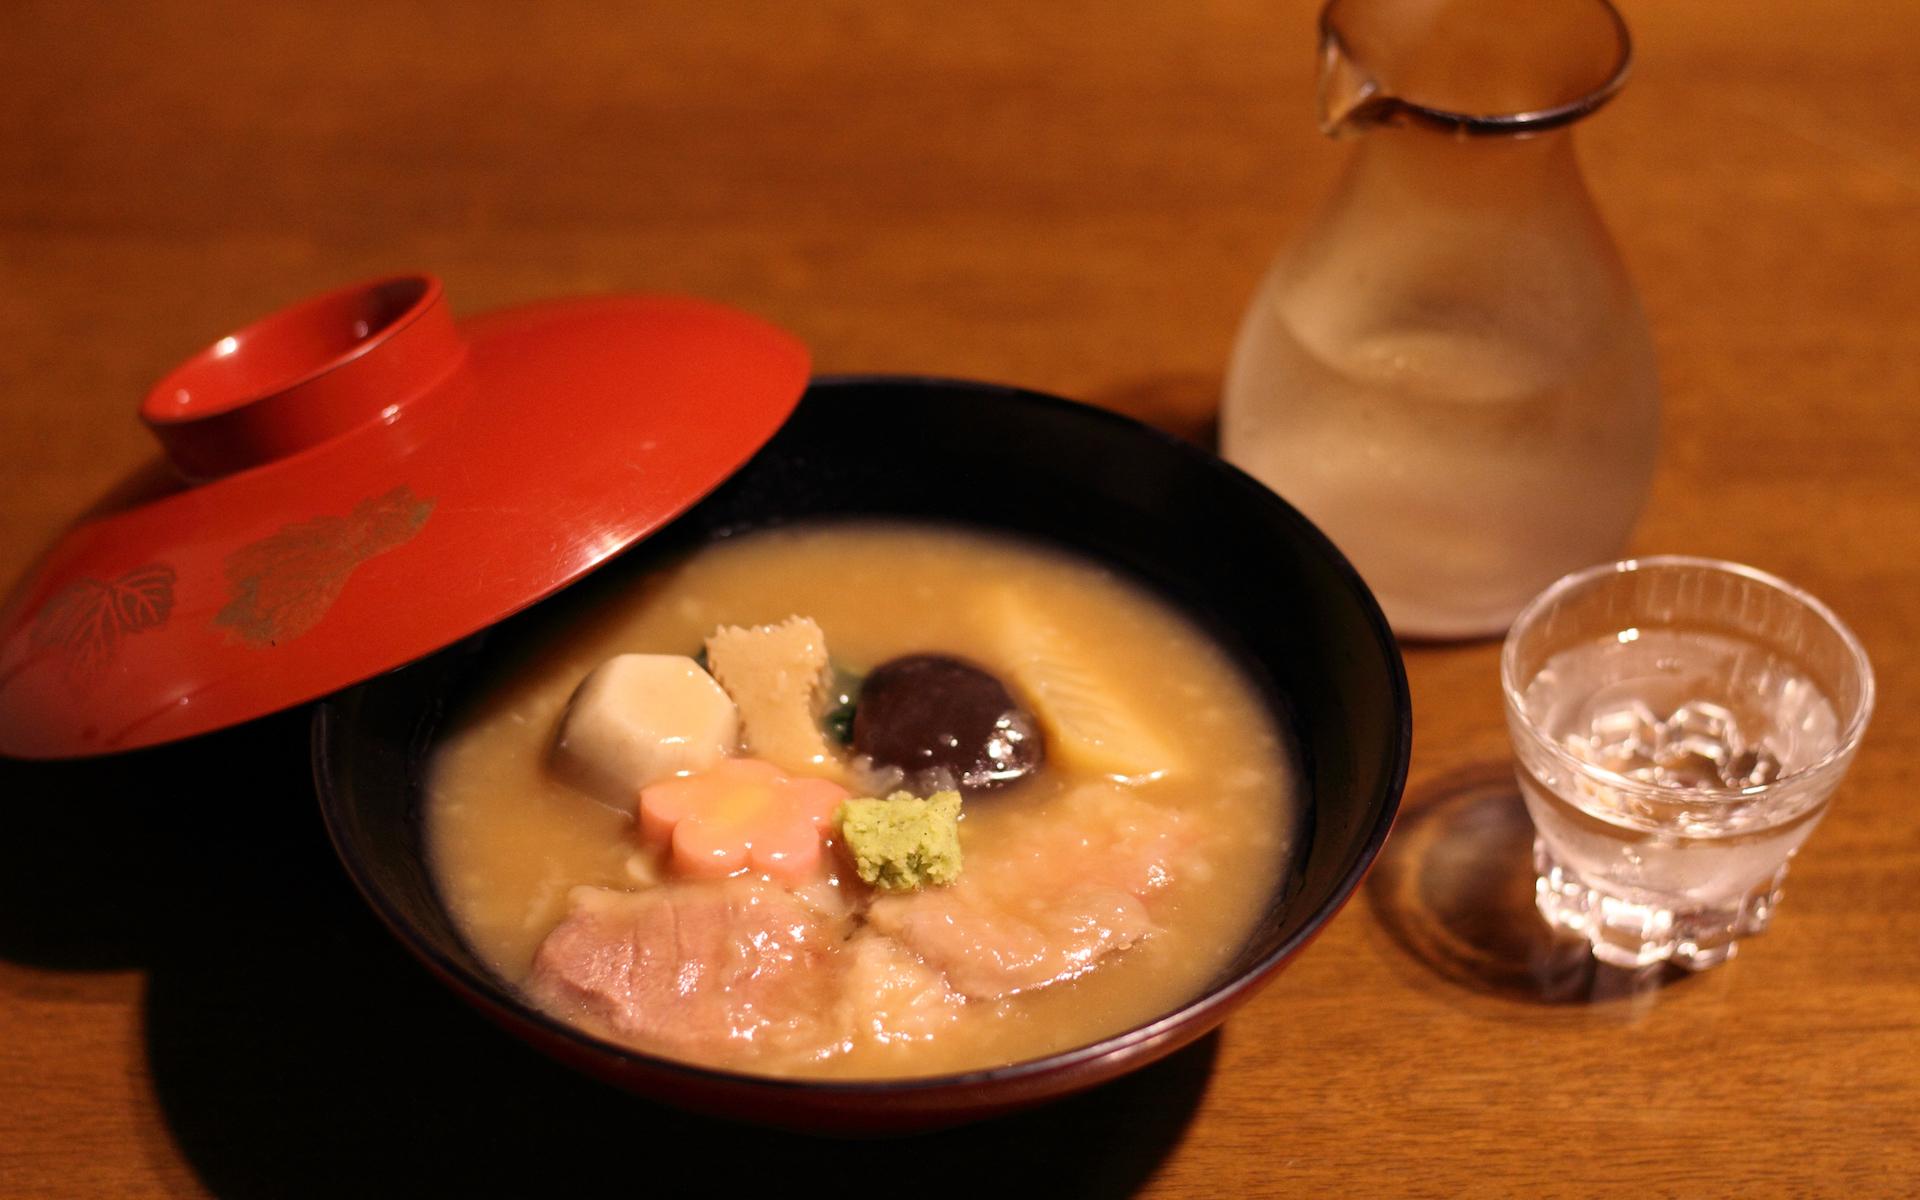 柔らかな鴨と季節の野菜を贅沢にいただく加賀料理 治部煮